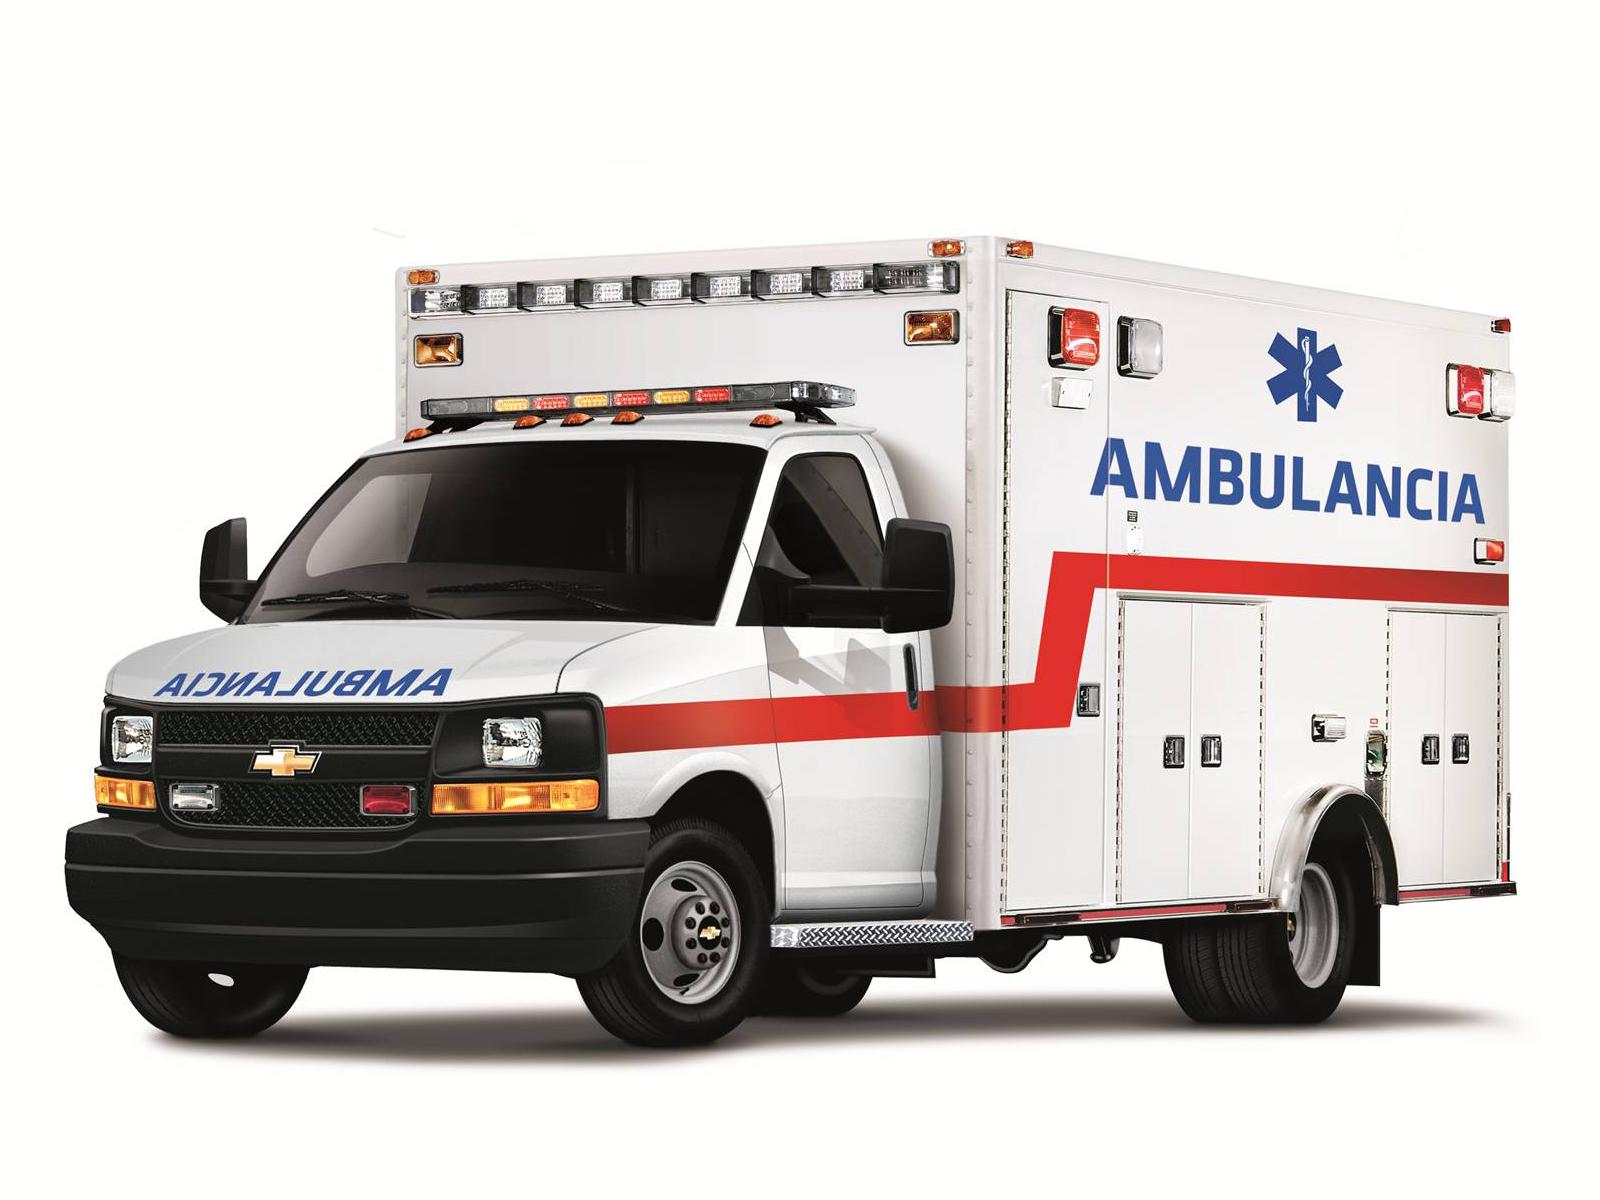 2010 Chevrolet Express Cutaway Ambulancia Emergency